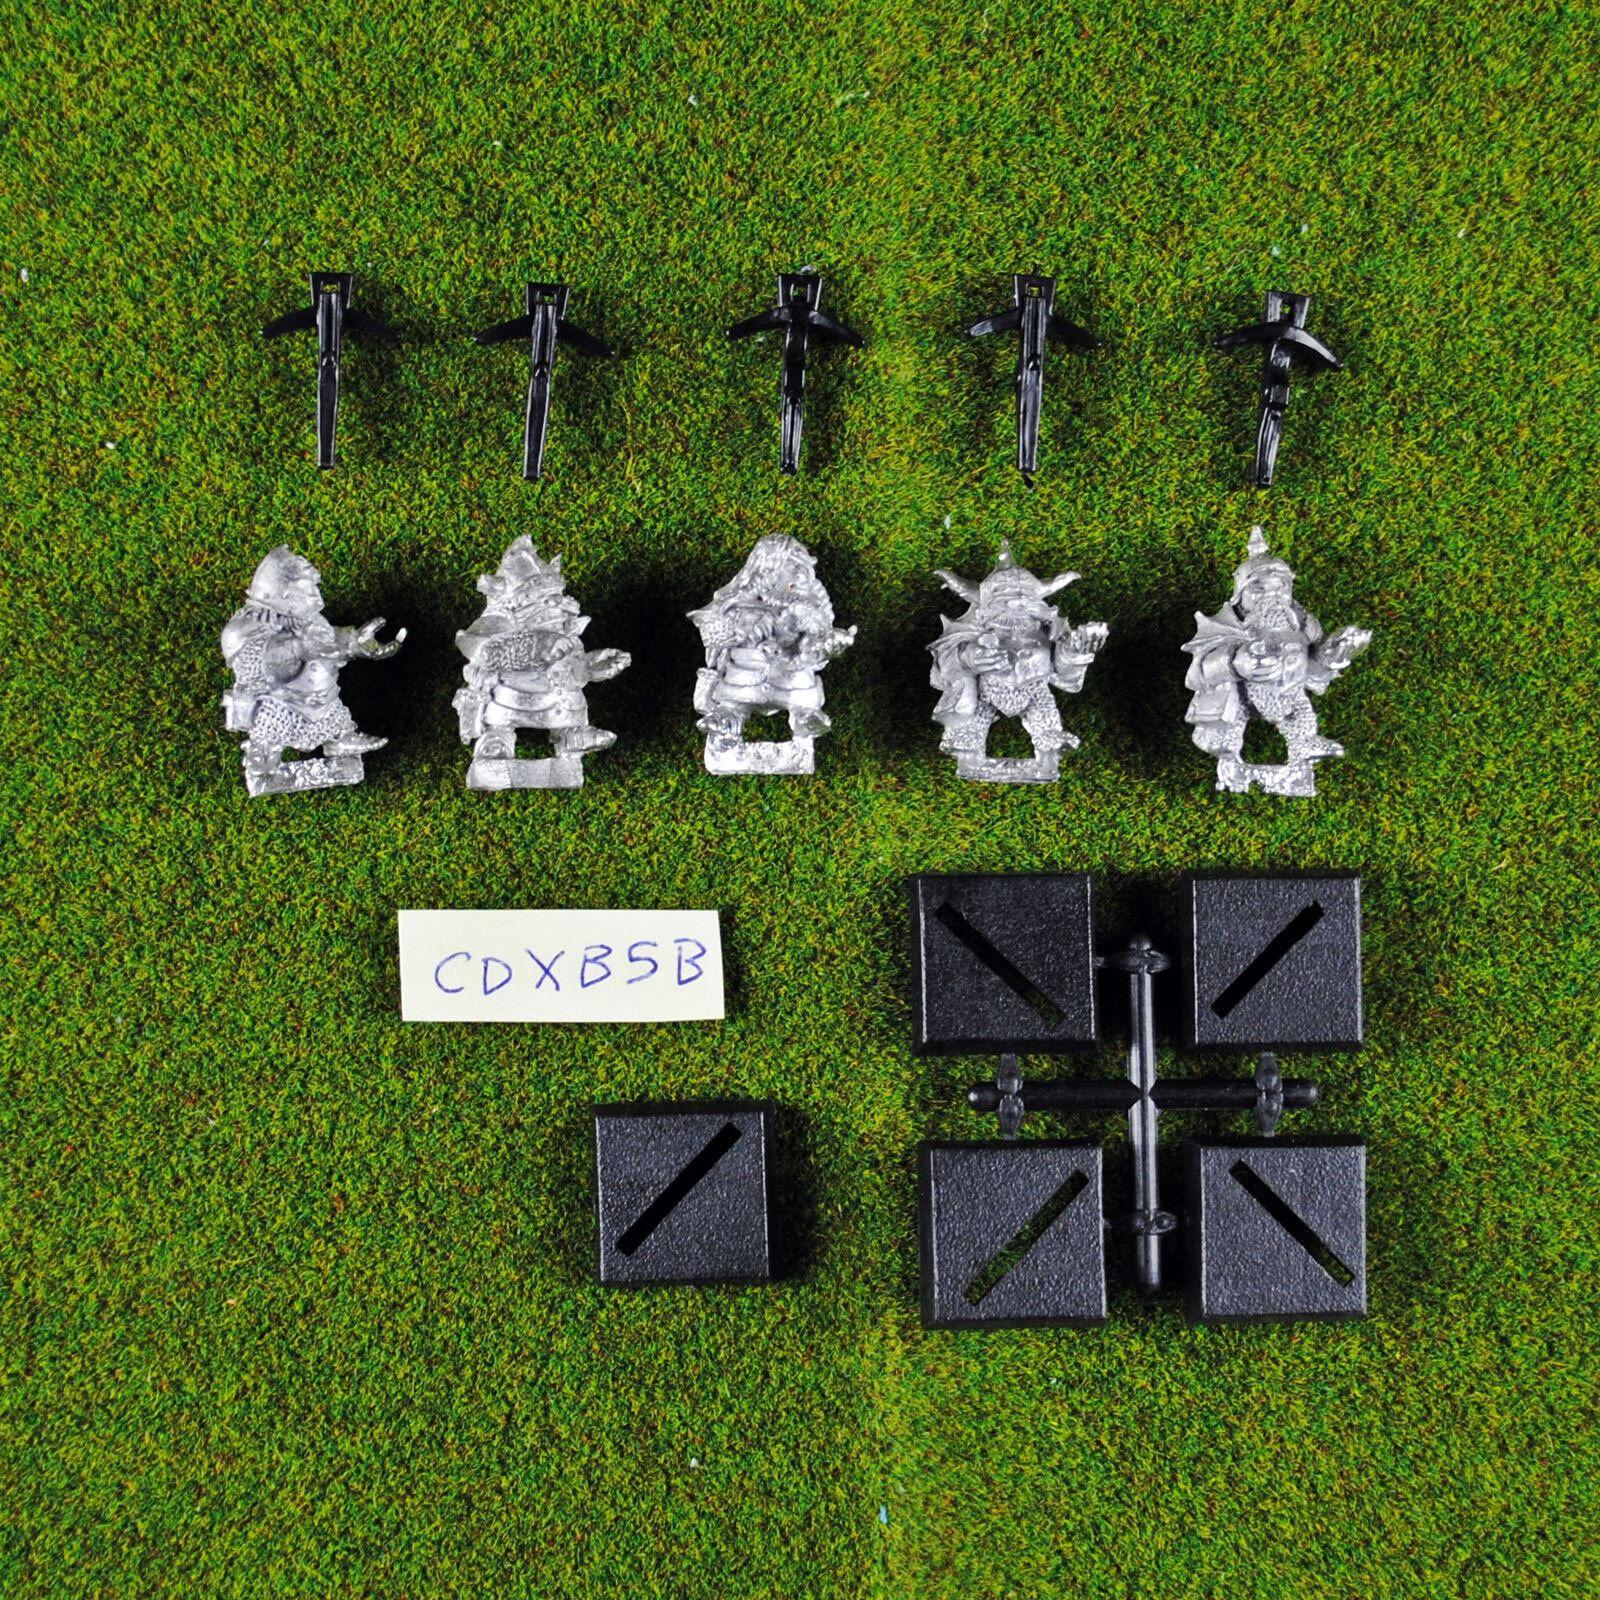 Warhammer chaos zwerg armbrüste (x5) selten & oop - zitadelle reich des chaos zwerge